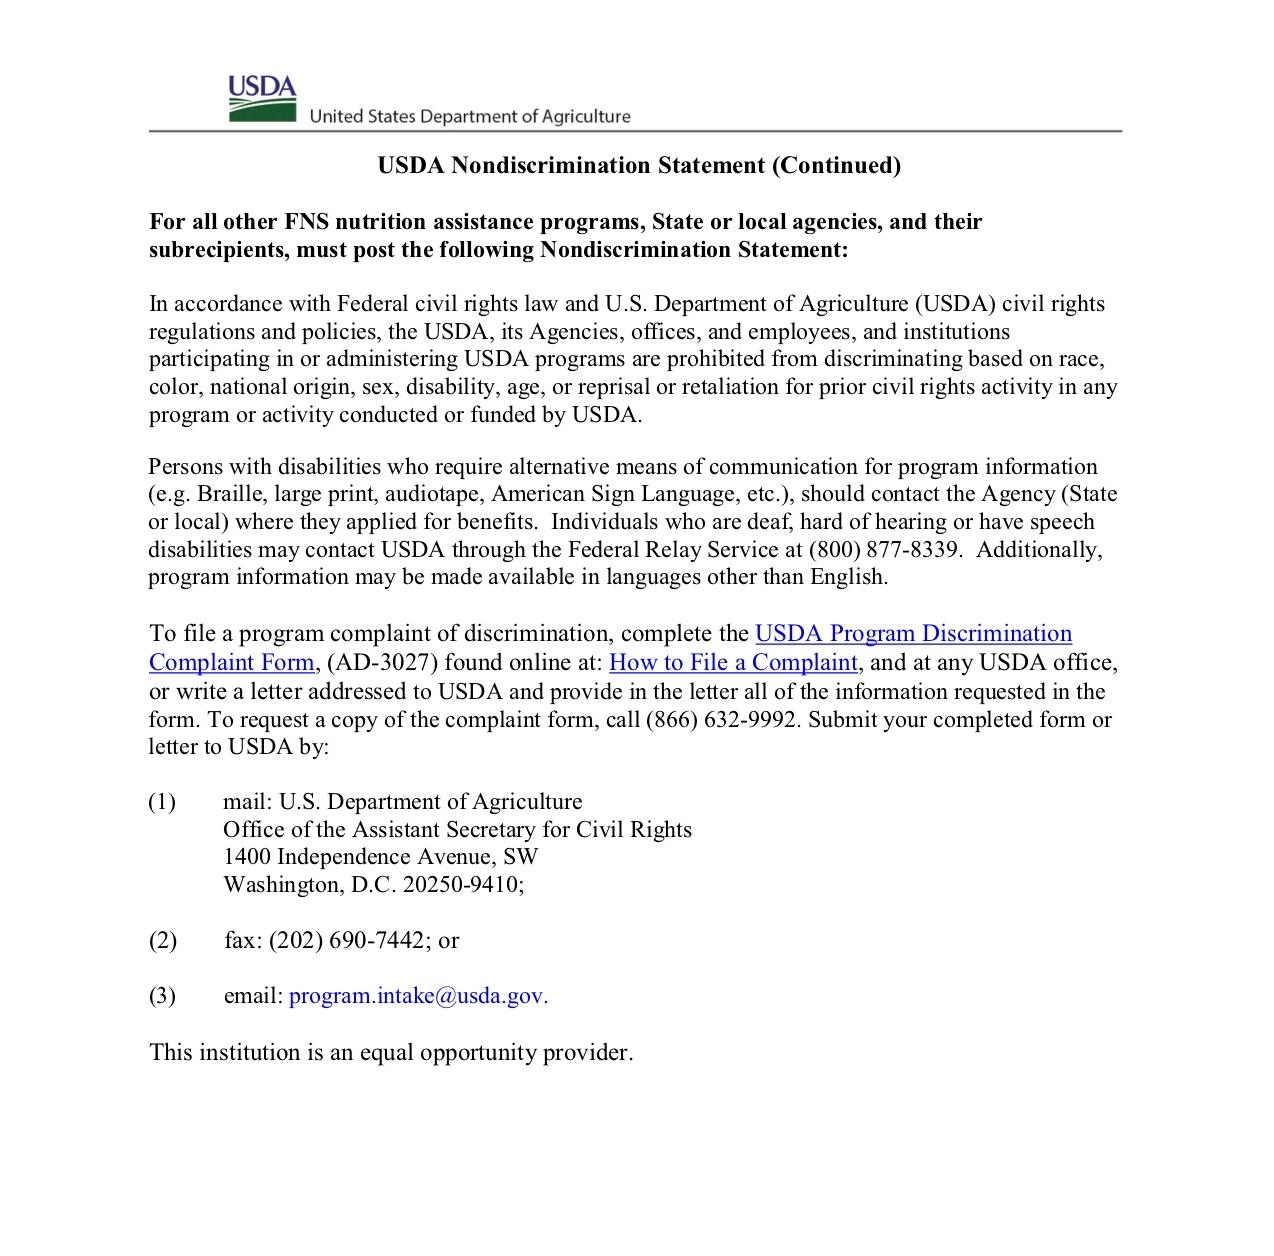 USDA Nondiscrimination Statement page 2